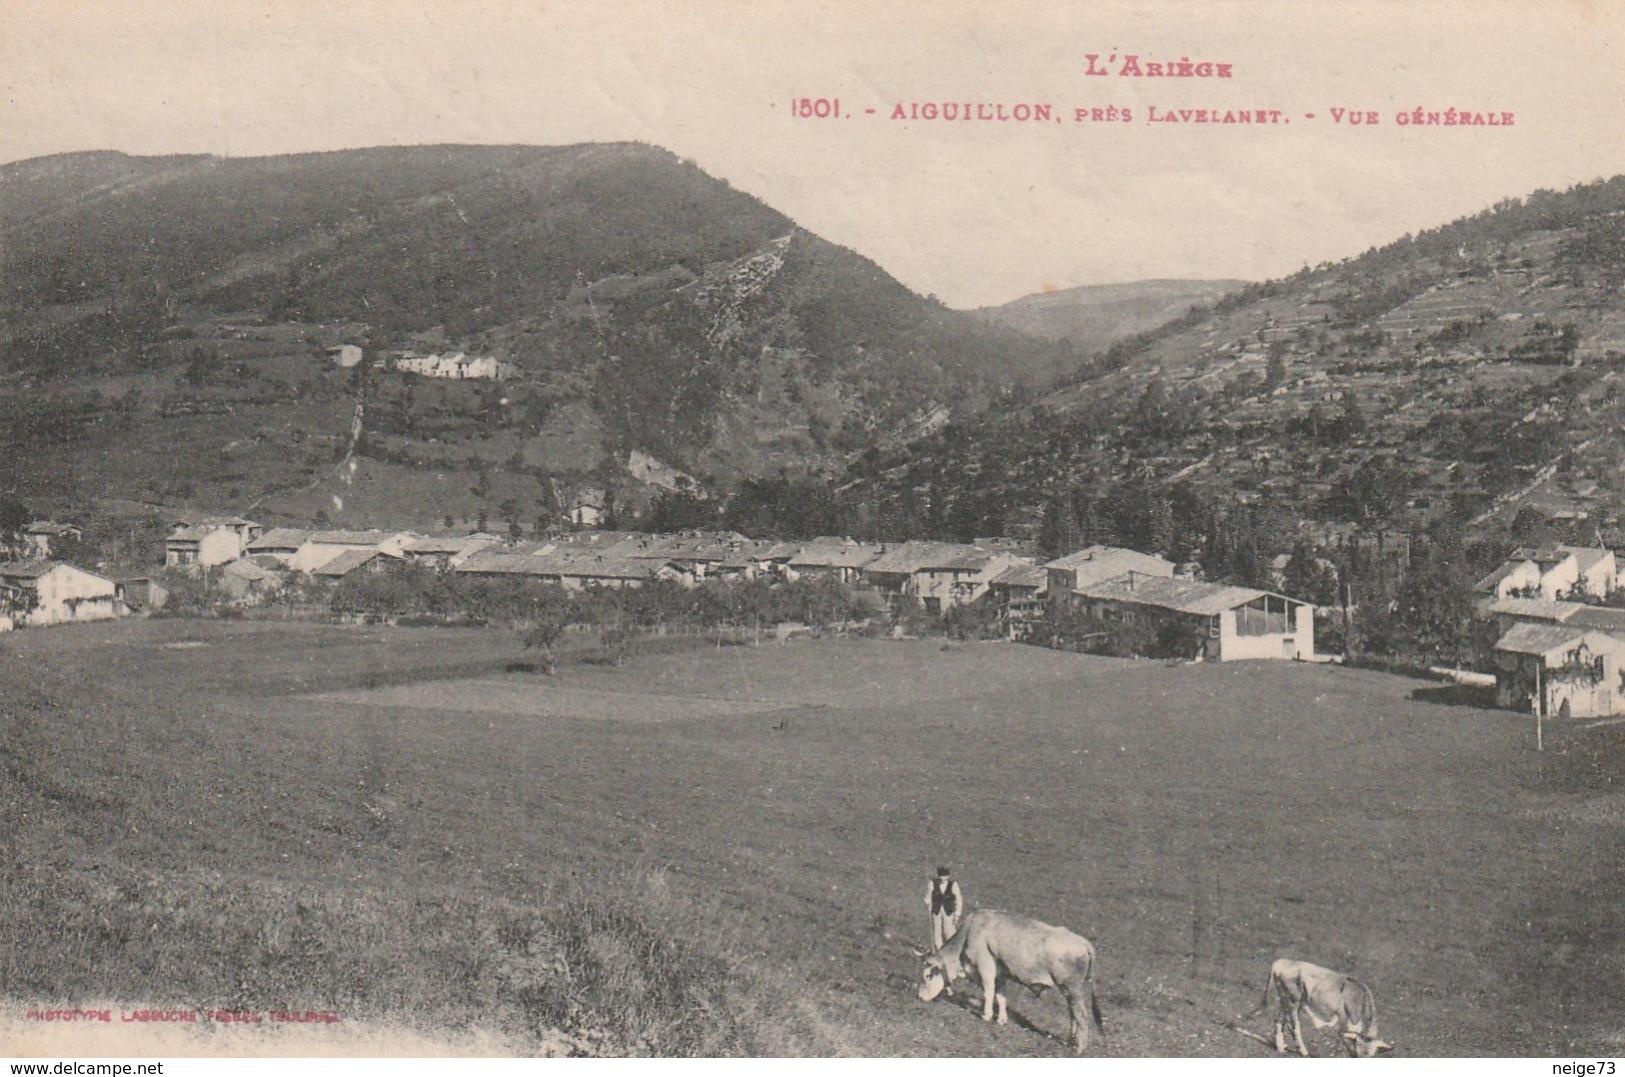 Carte Postale Ancienne De L'Ariège - L'Ariège - Aiguillon, Près Lavelanet - Vue Générale - Andere Gemeenten